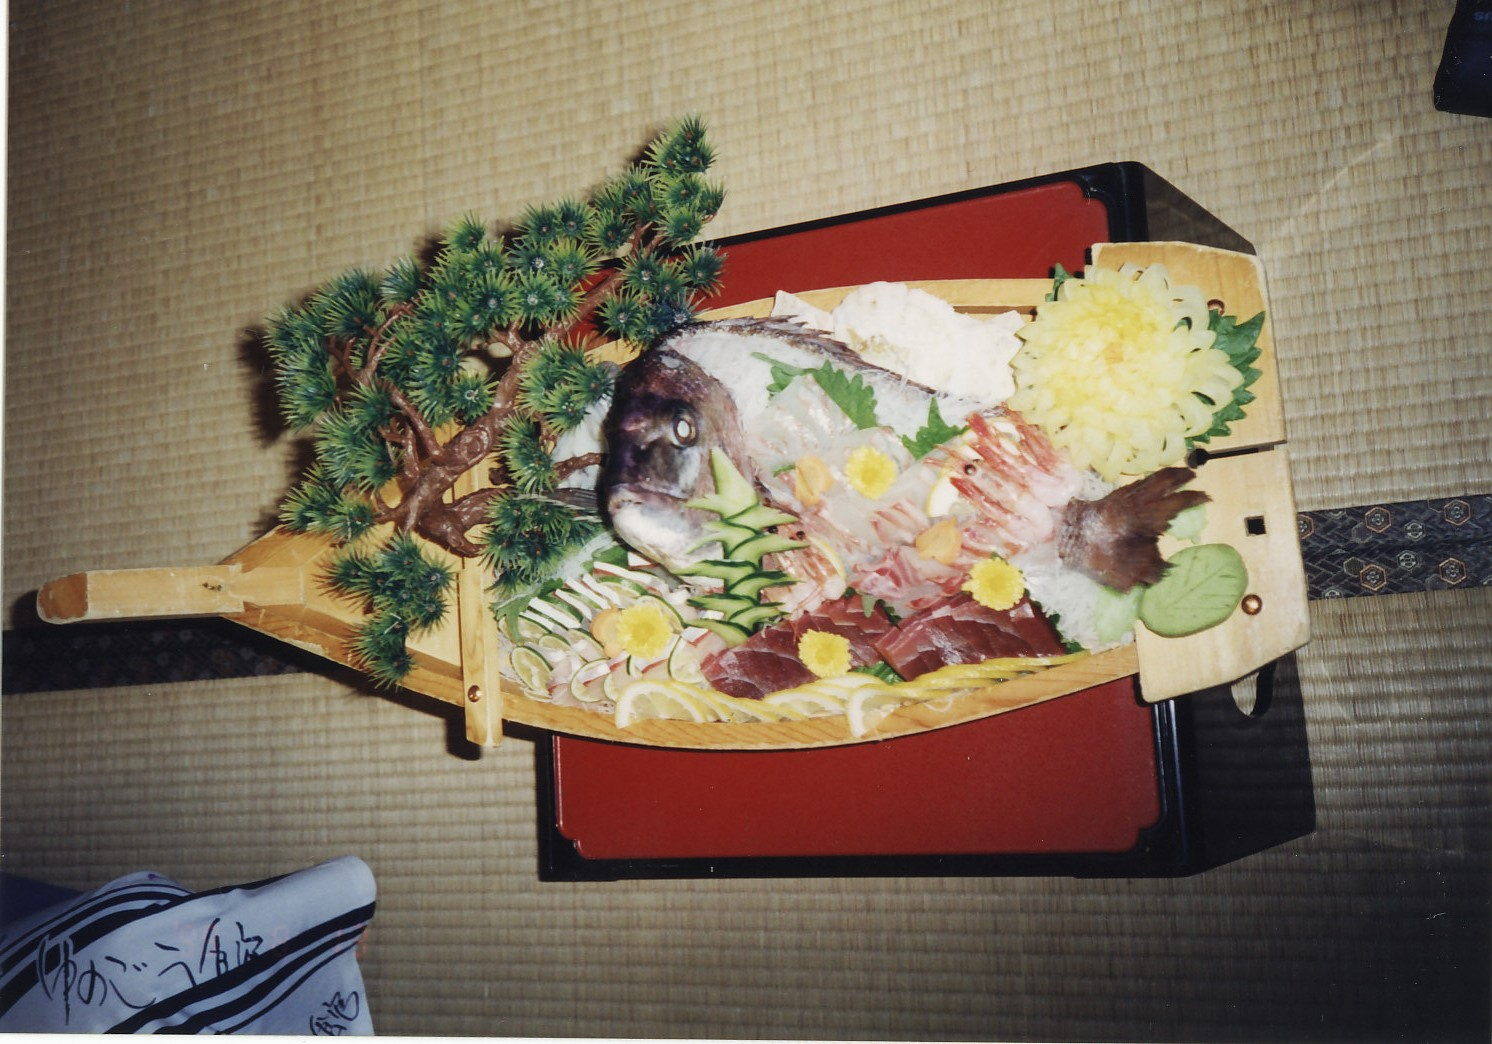 湯郷温泉 清次郎の湯 ゆのごう館